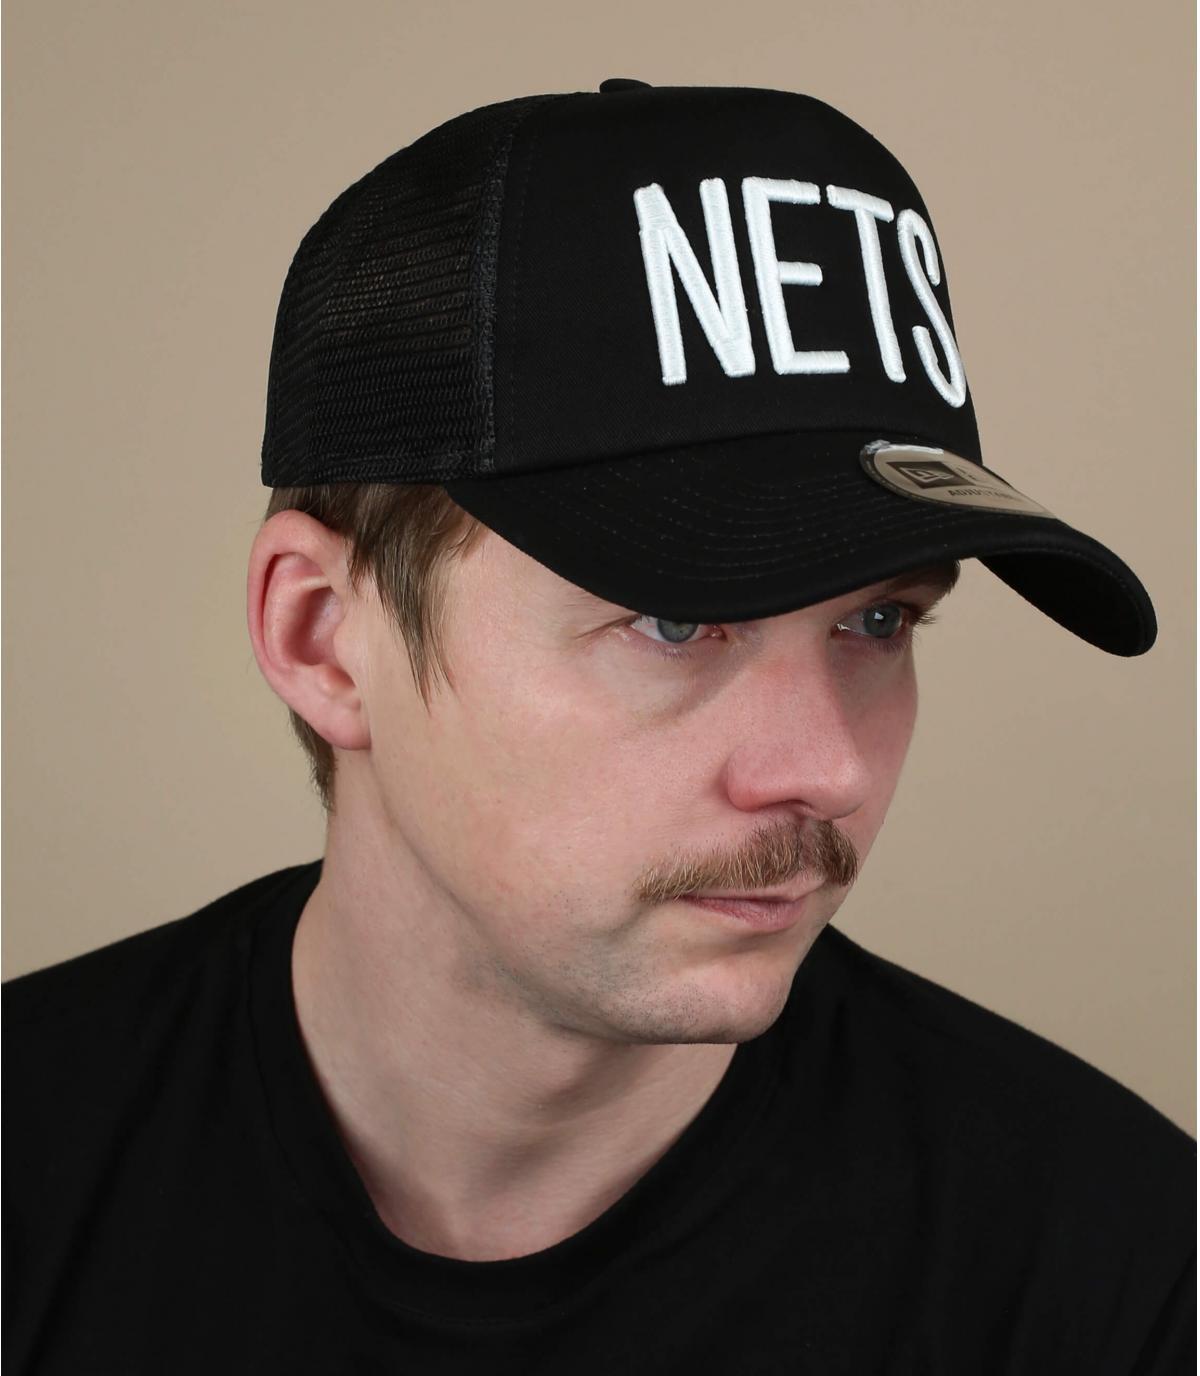 Trucker Nets schwarz